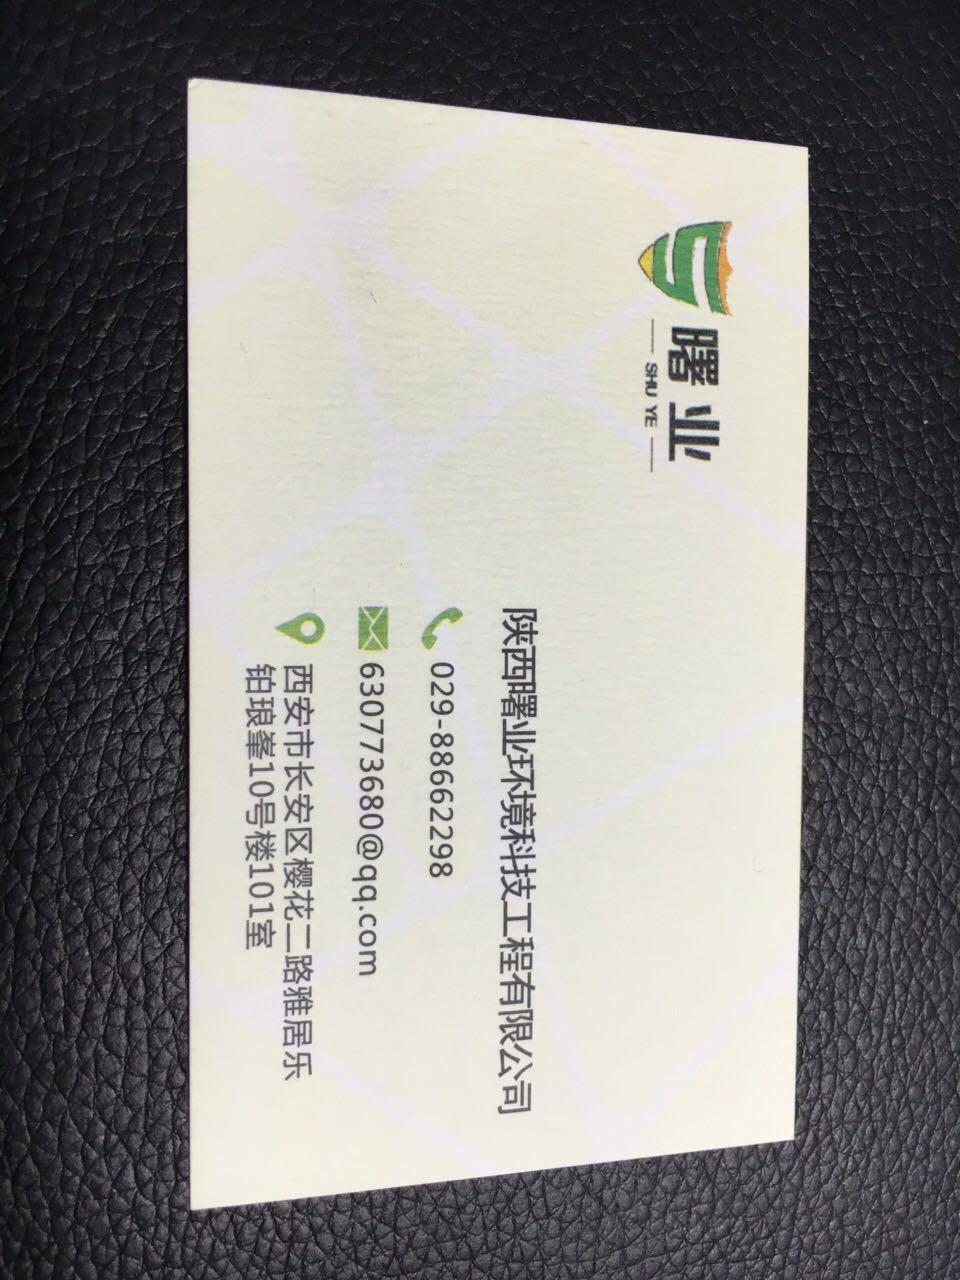 来自蔡磊发布的商务合作信息:中央空调 中央新风 中央净水 智能锁 的... - 陕西曙业环境科技工程有限公司